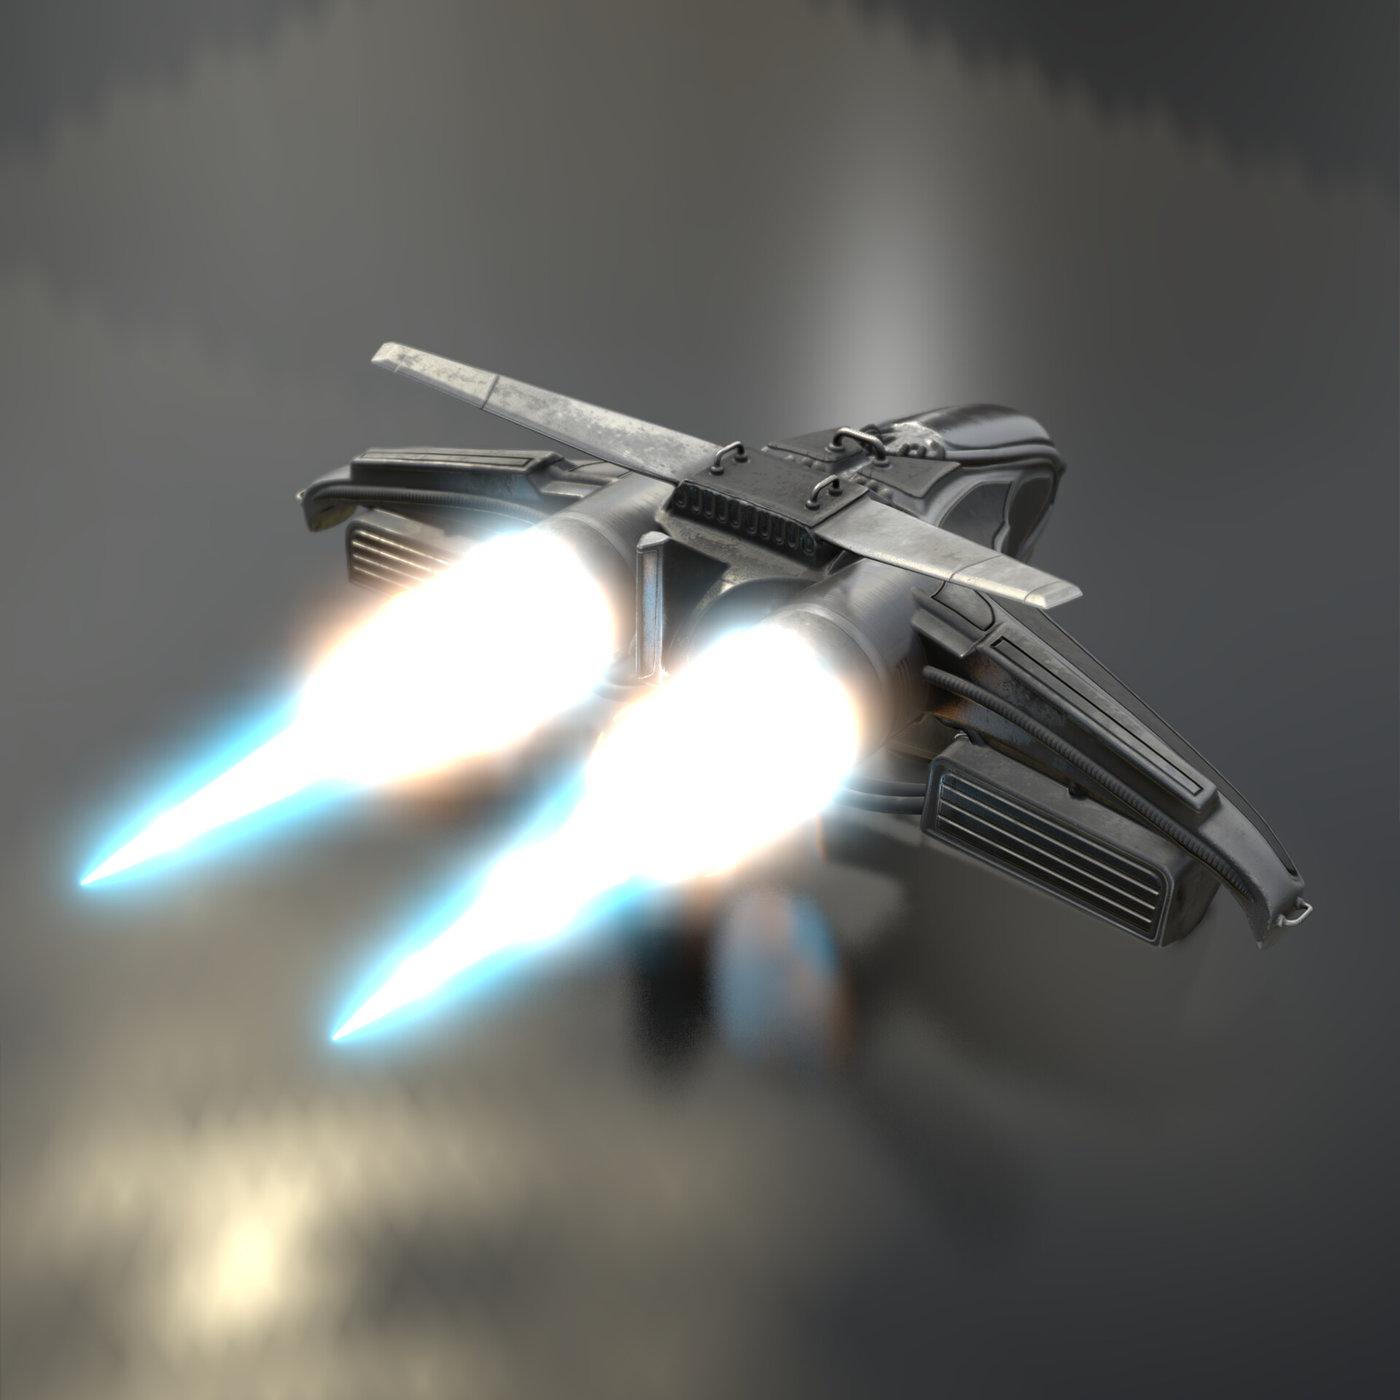 Intergalactic Spaceship